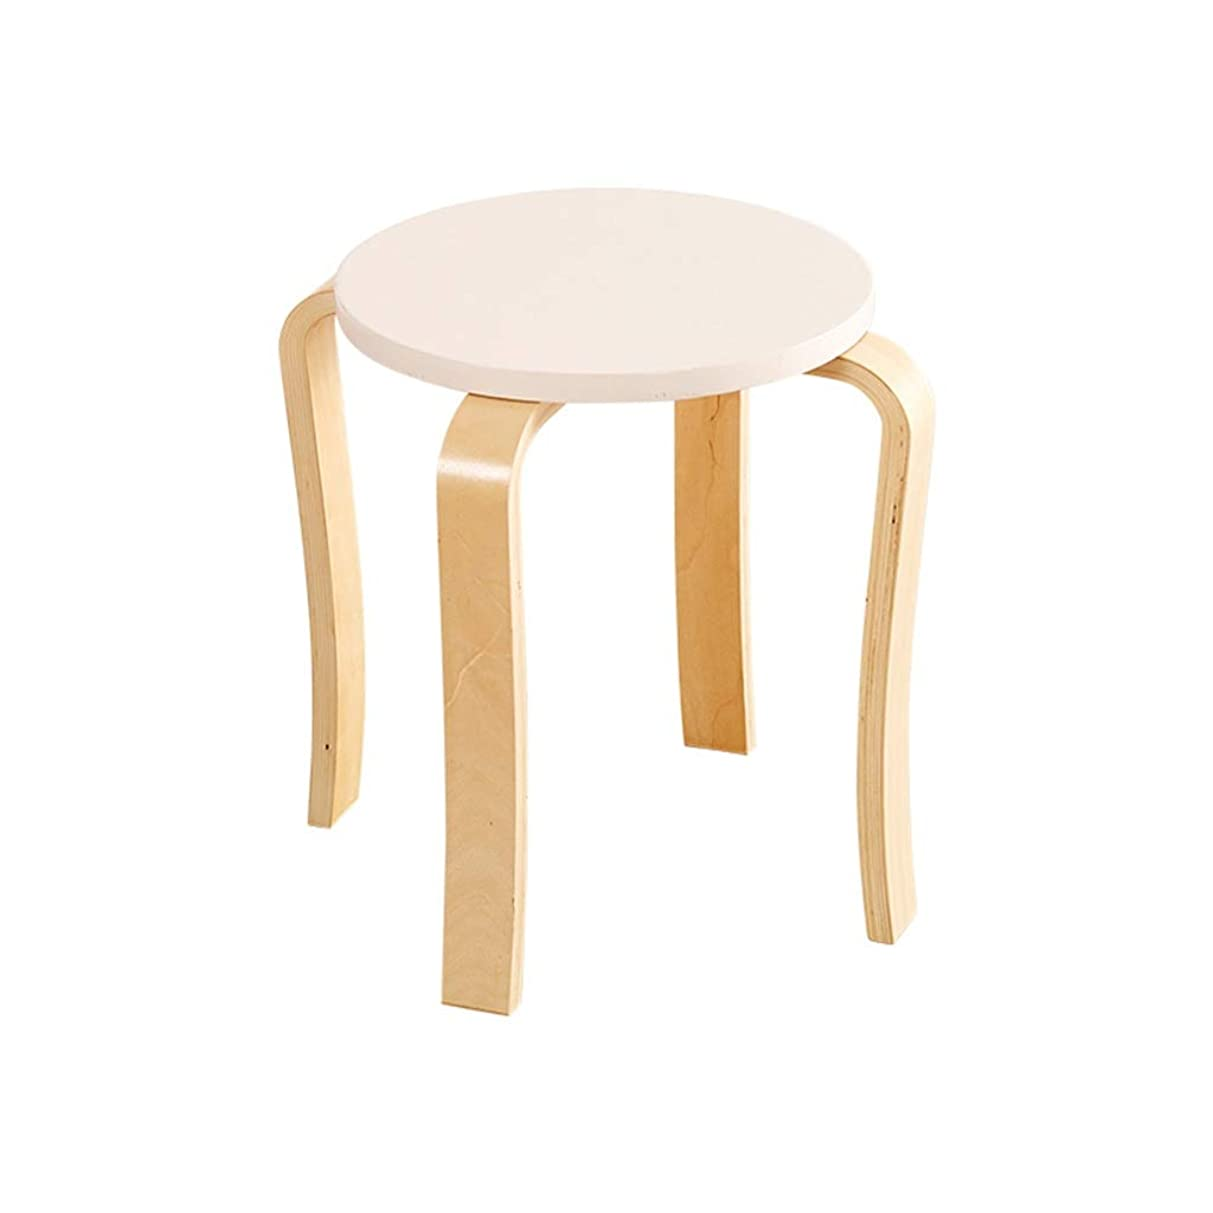 スパンエキサイティングオーラルXJLXX リビングルーム厚く小さな椅子ホーム木製ダイニング椅子寝室バルコニーレストスツール ソファースツール (Color : White)